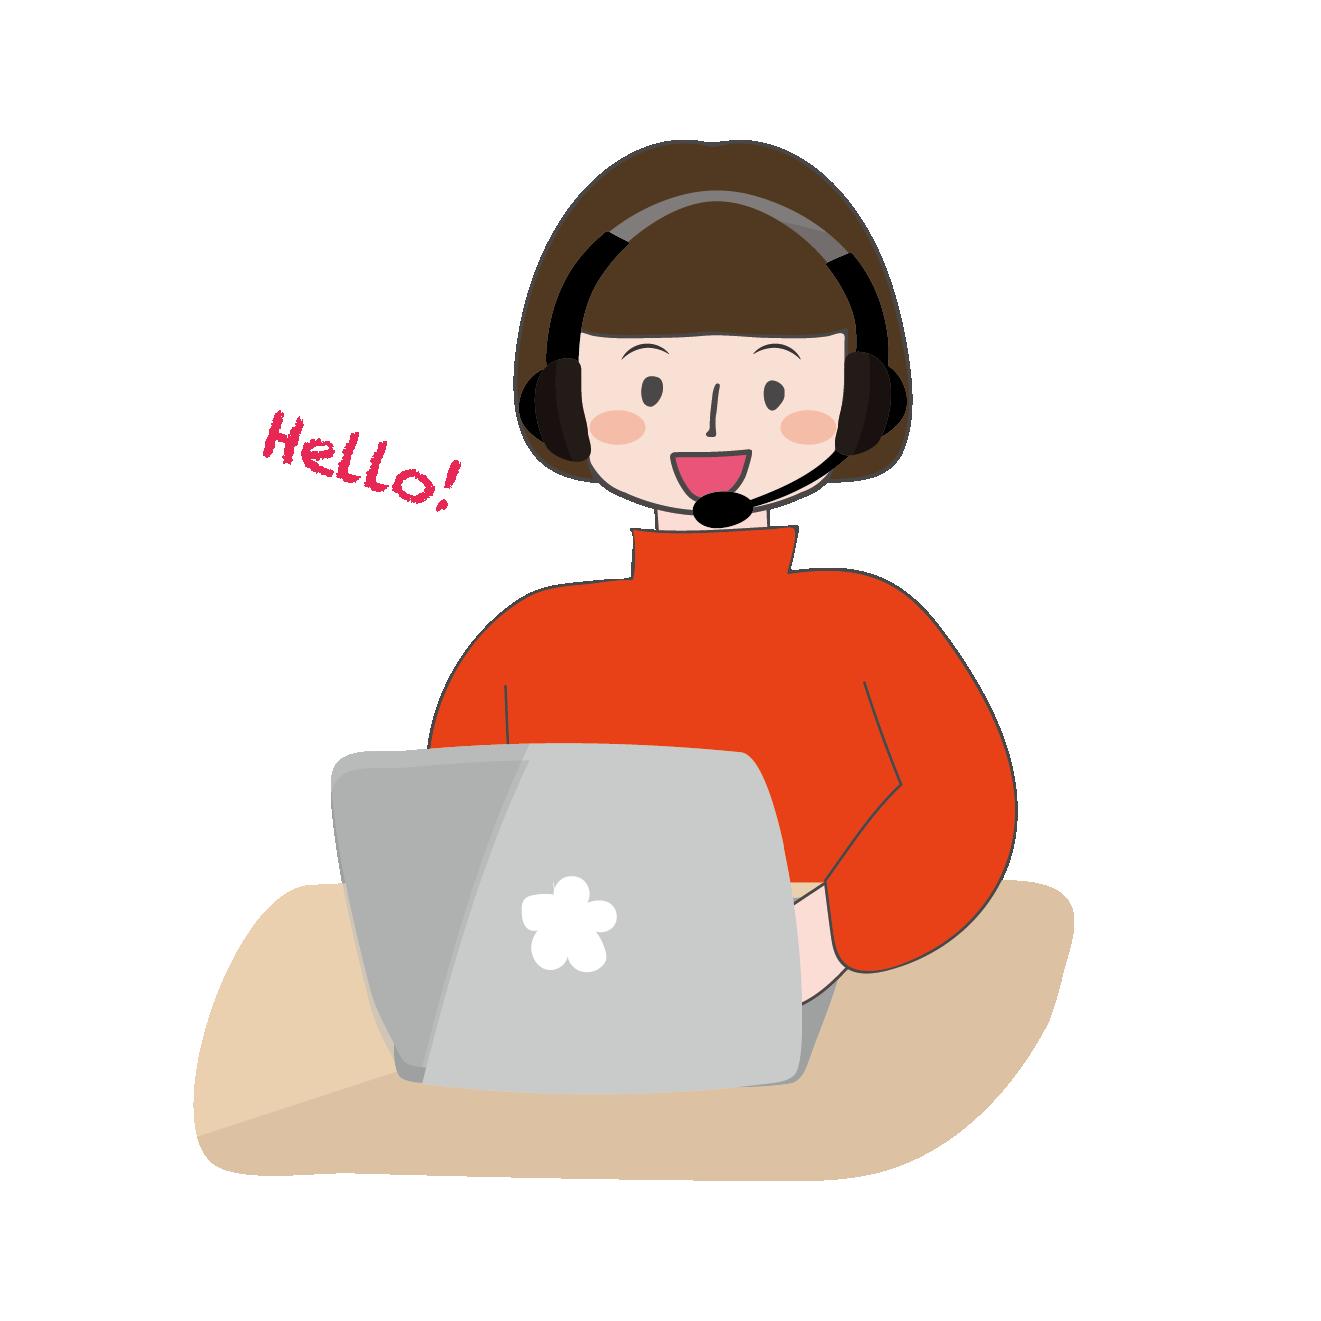 オンライン英会話を楽しむ子供(女の子)のイラスト | 商用フリー(無料